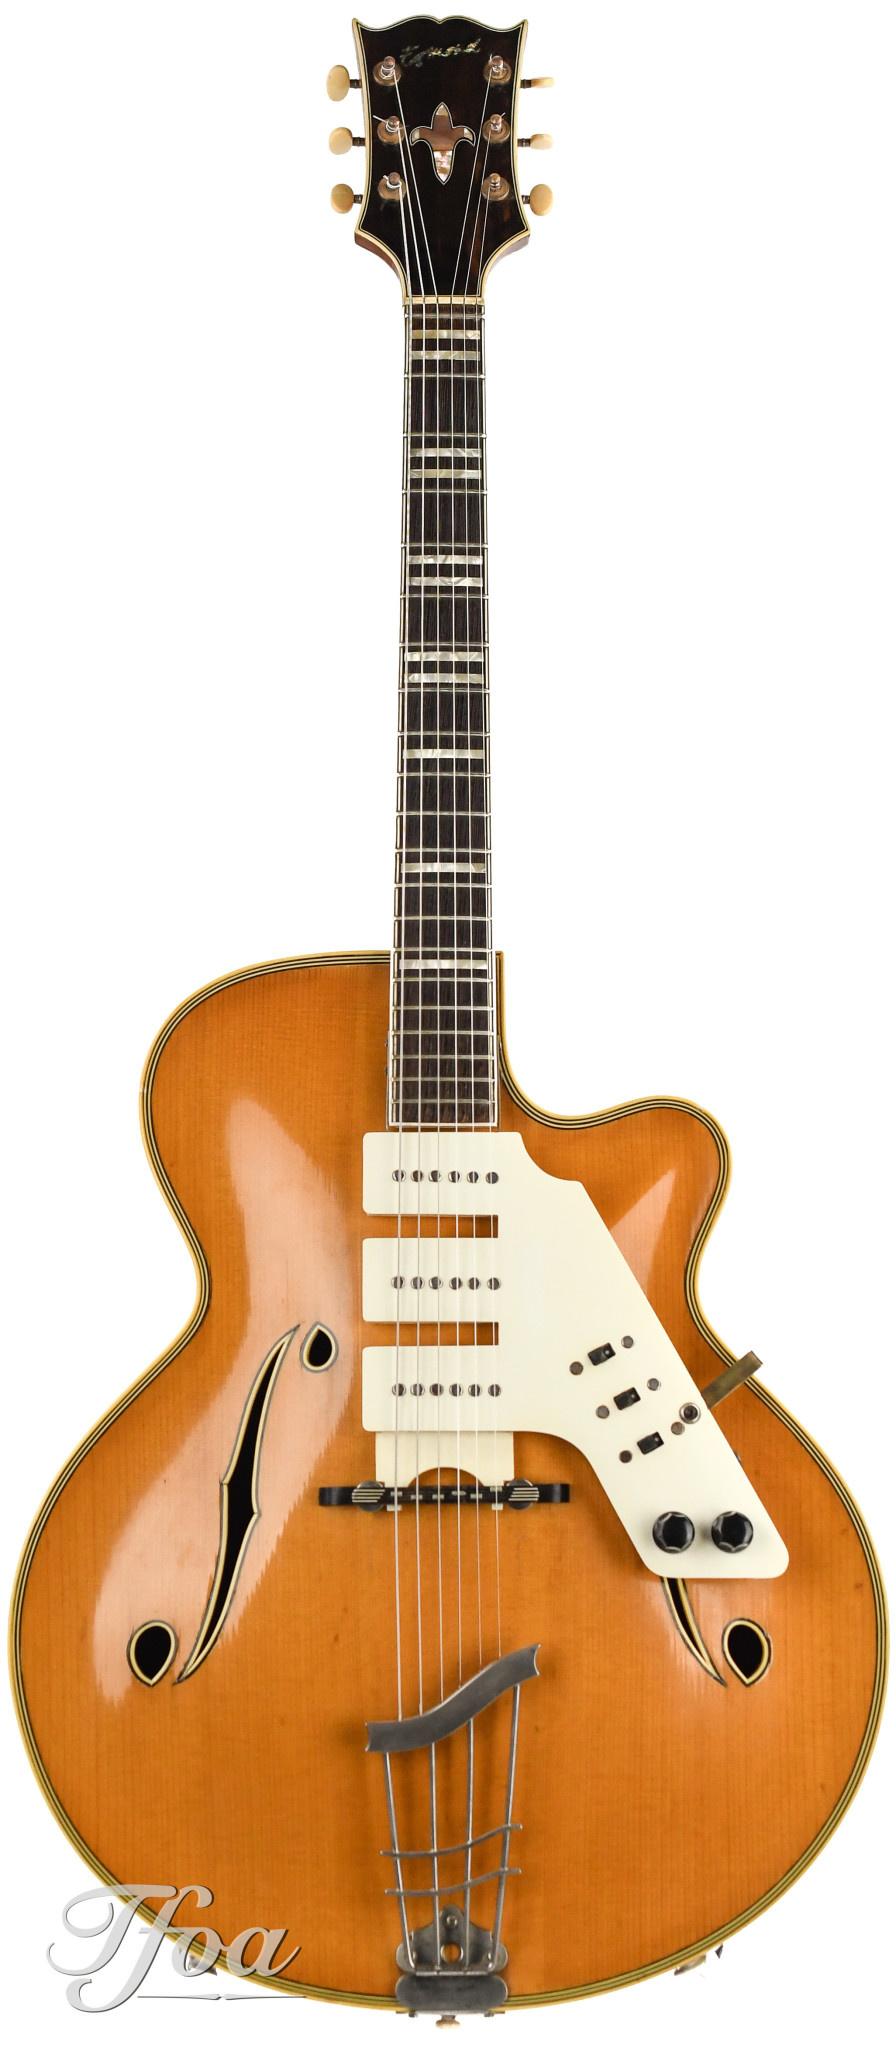 Dating Alhambra gitaren Maagd man dating eigenschappen